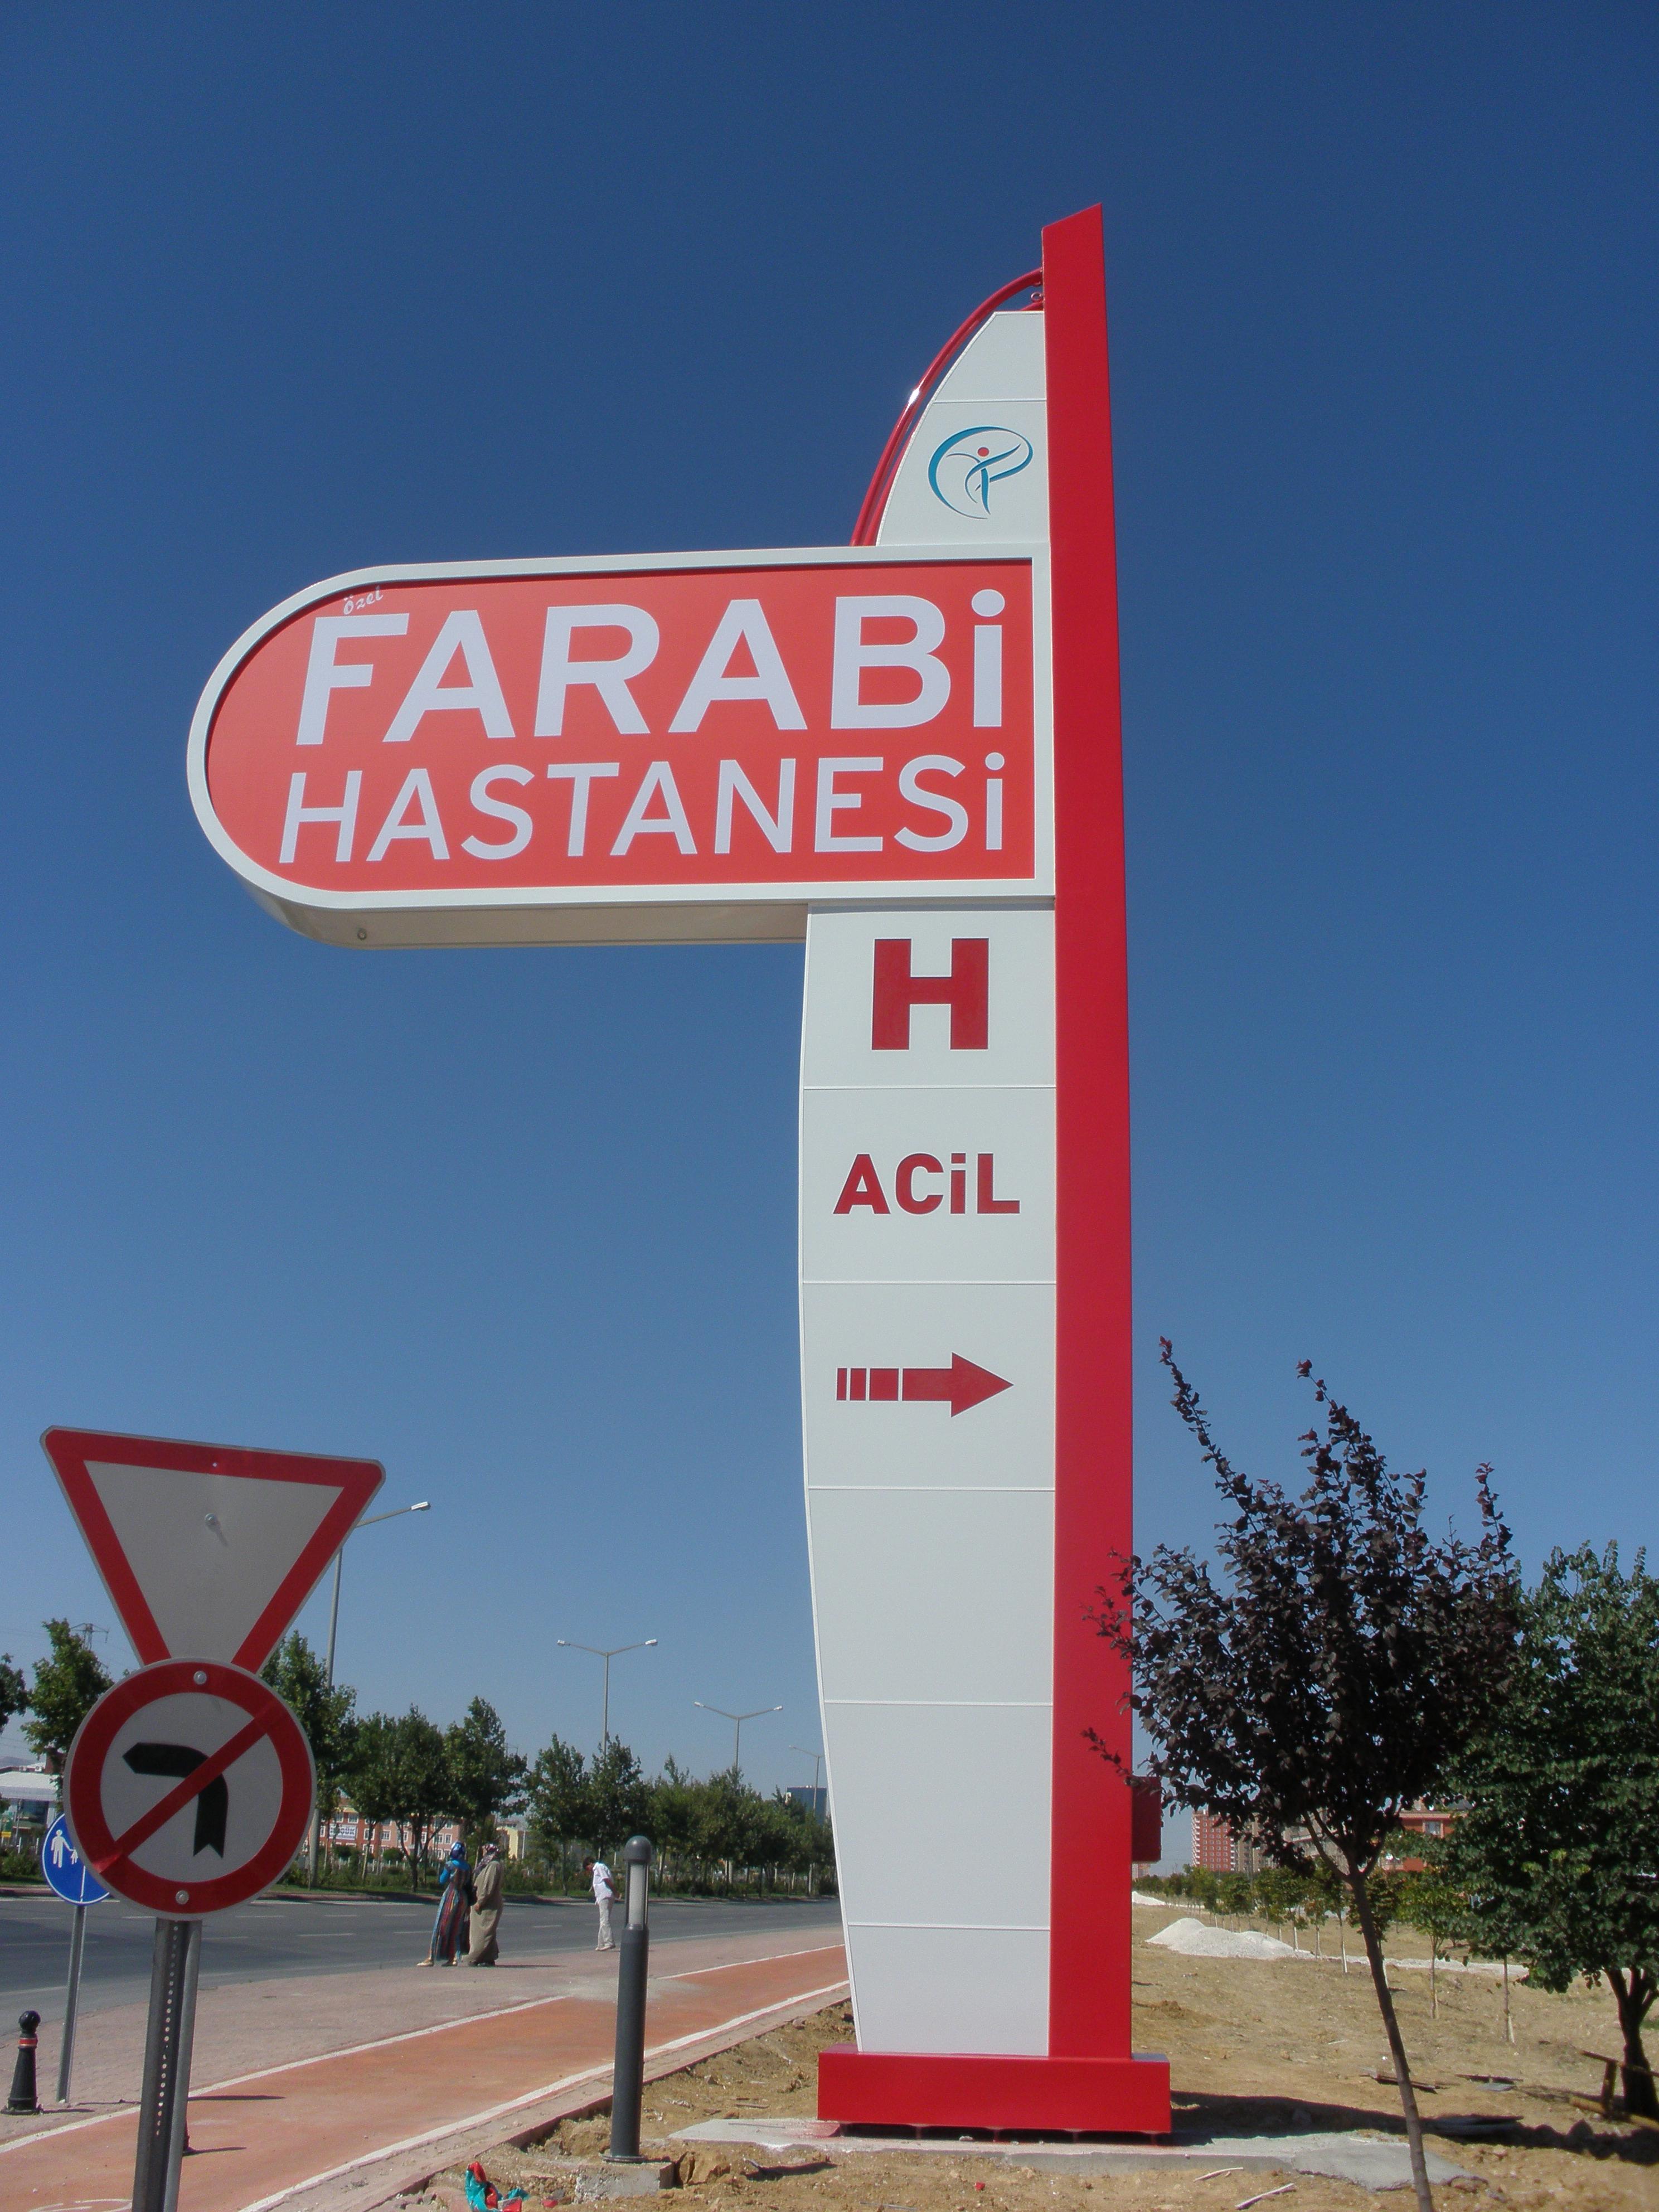 FARABİ HASTANESİ_1